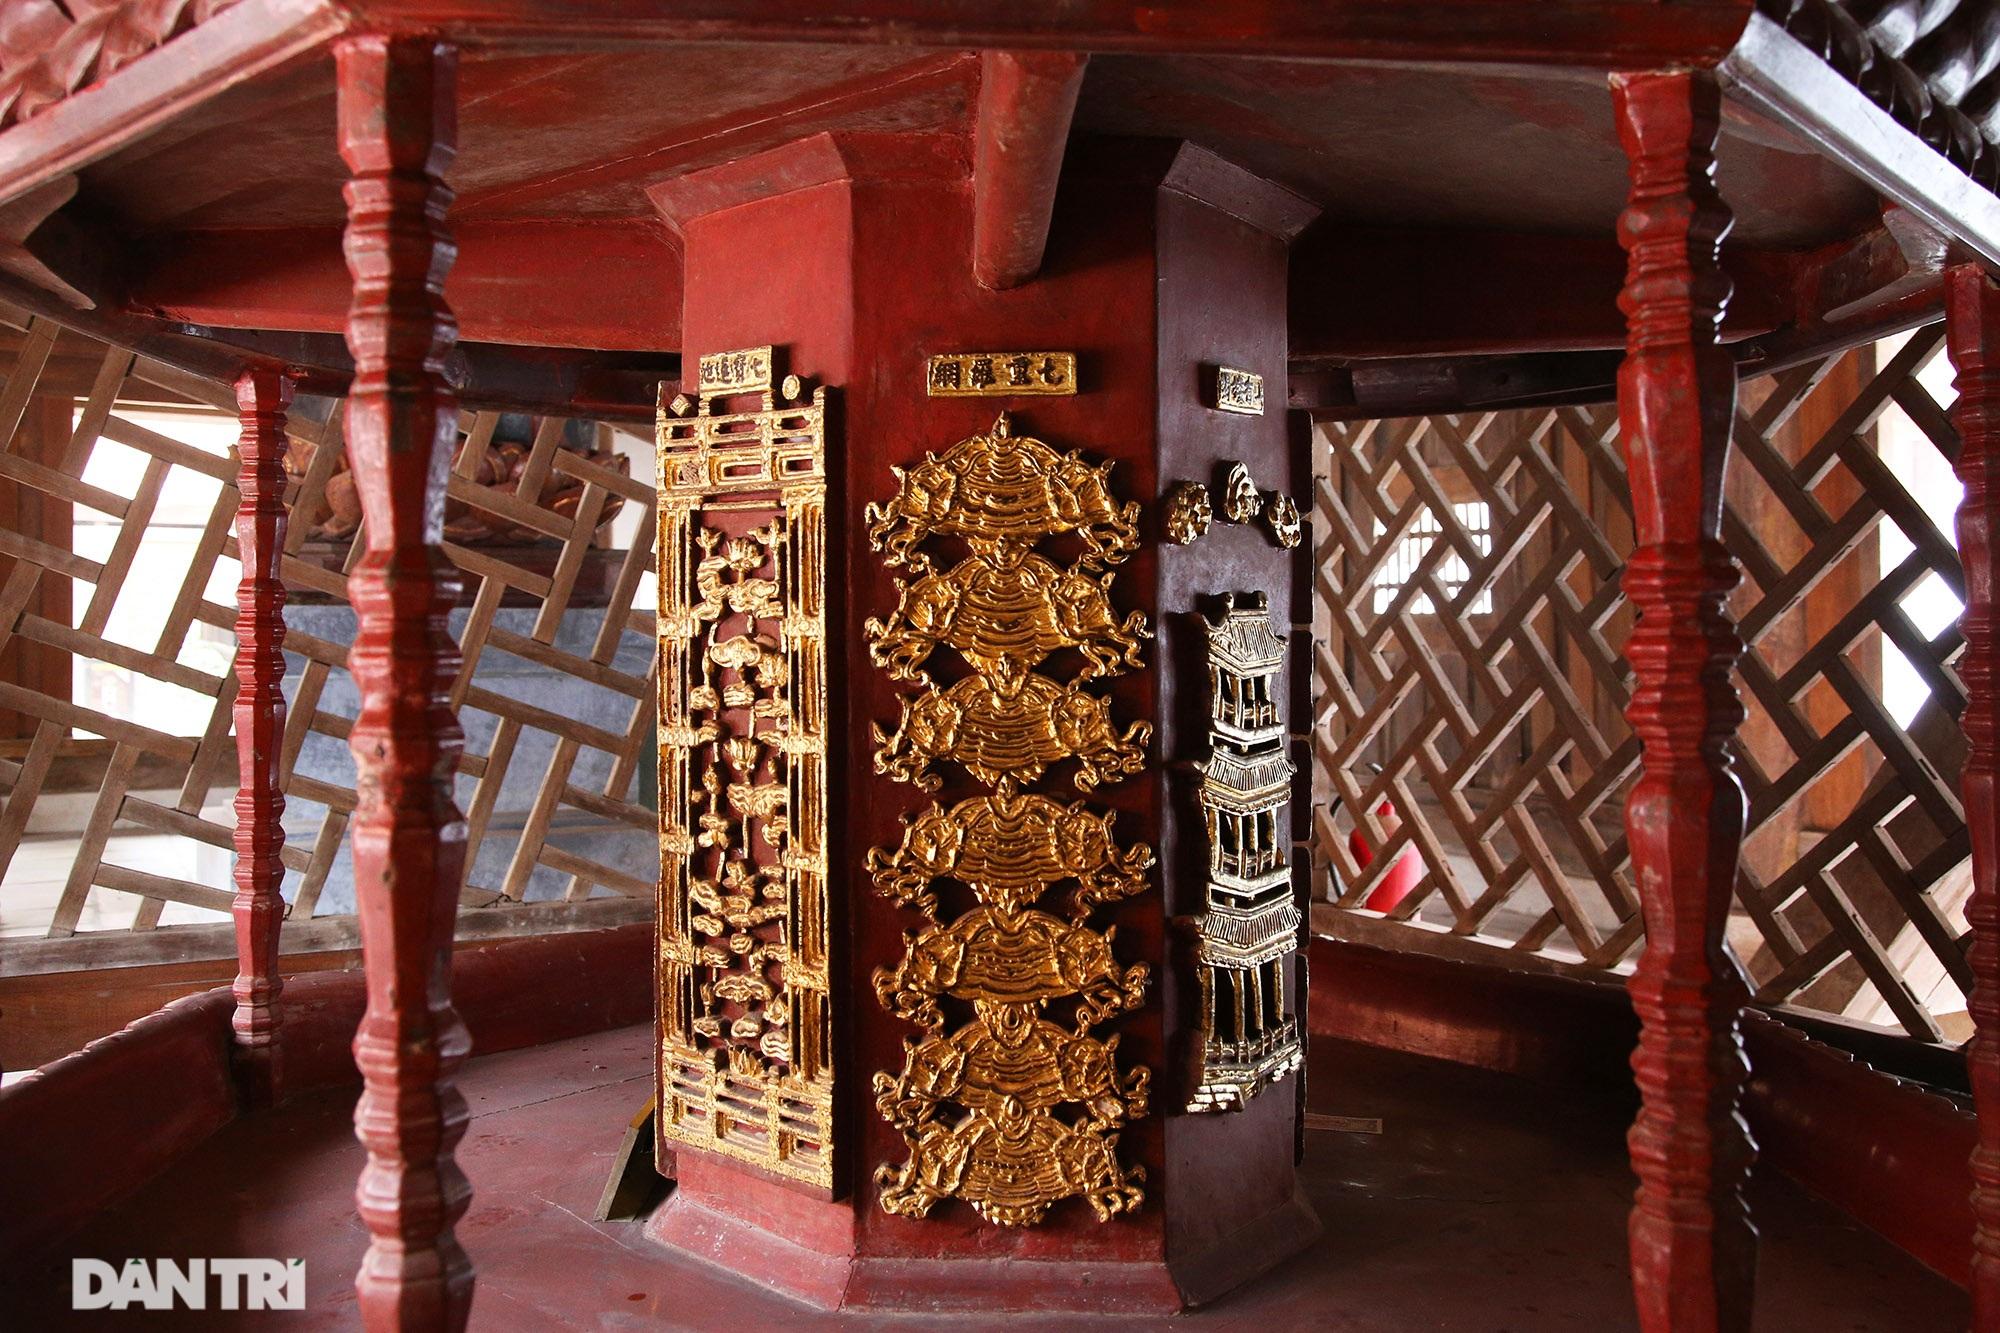 Chiêm ngưỡng bảo vật quốc gia mới: Kiệt tác Cửu phẩm liên hoa chùa Bút Tháp - 13